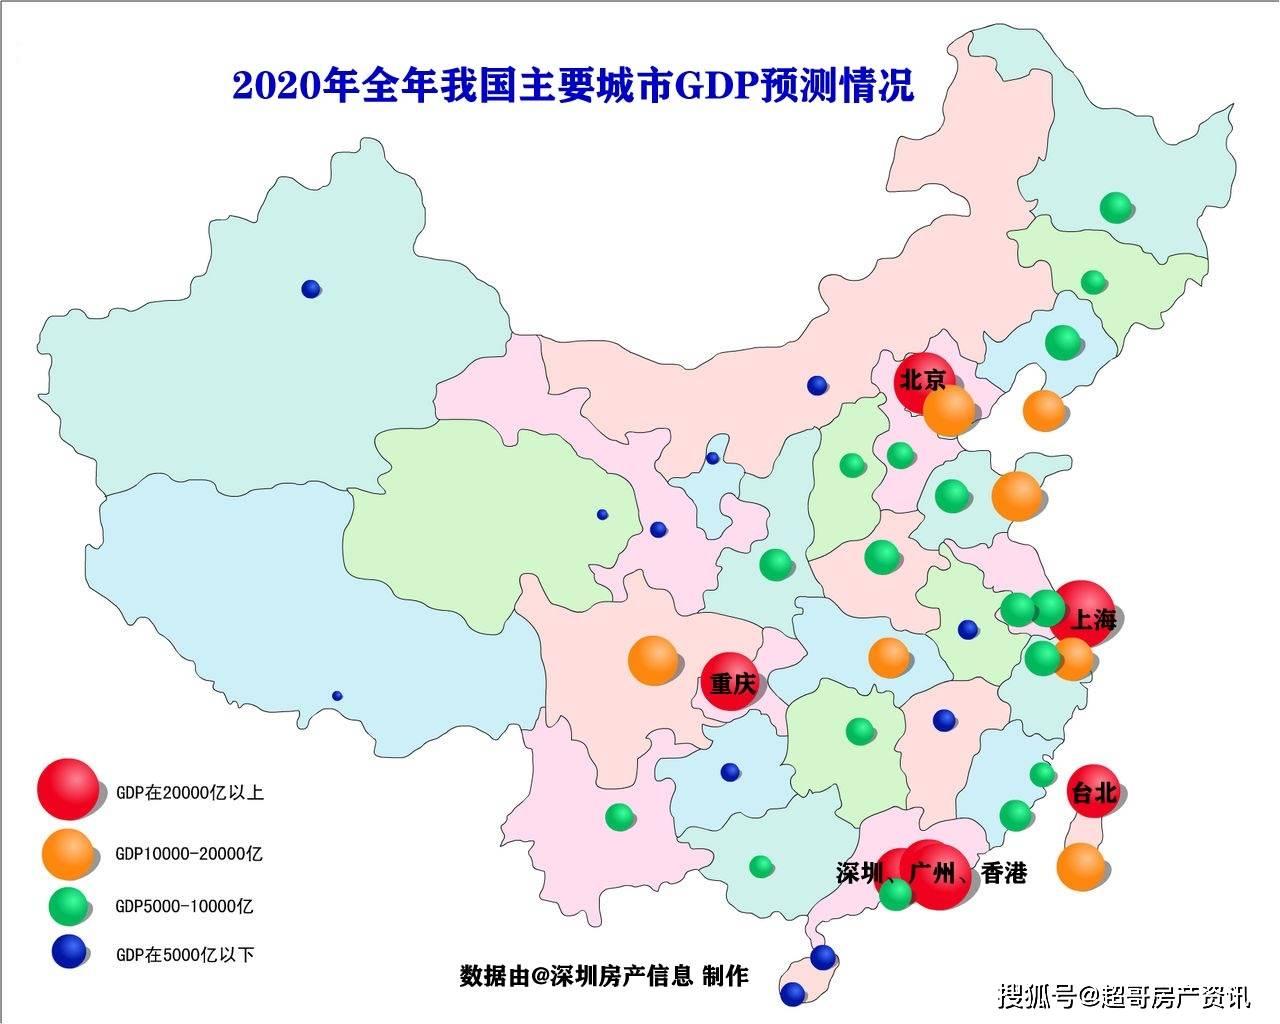 2020禹州gdp_禹州地图